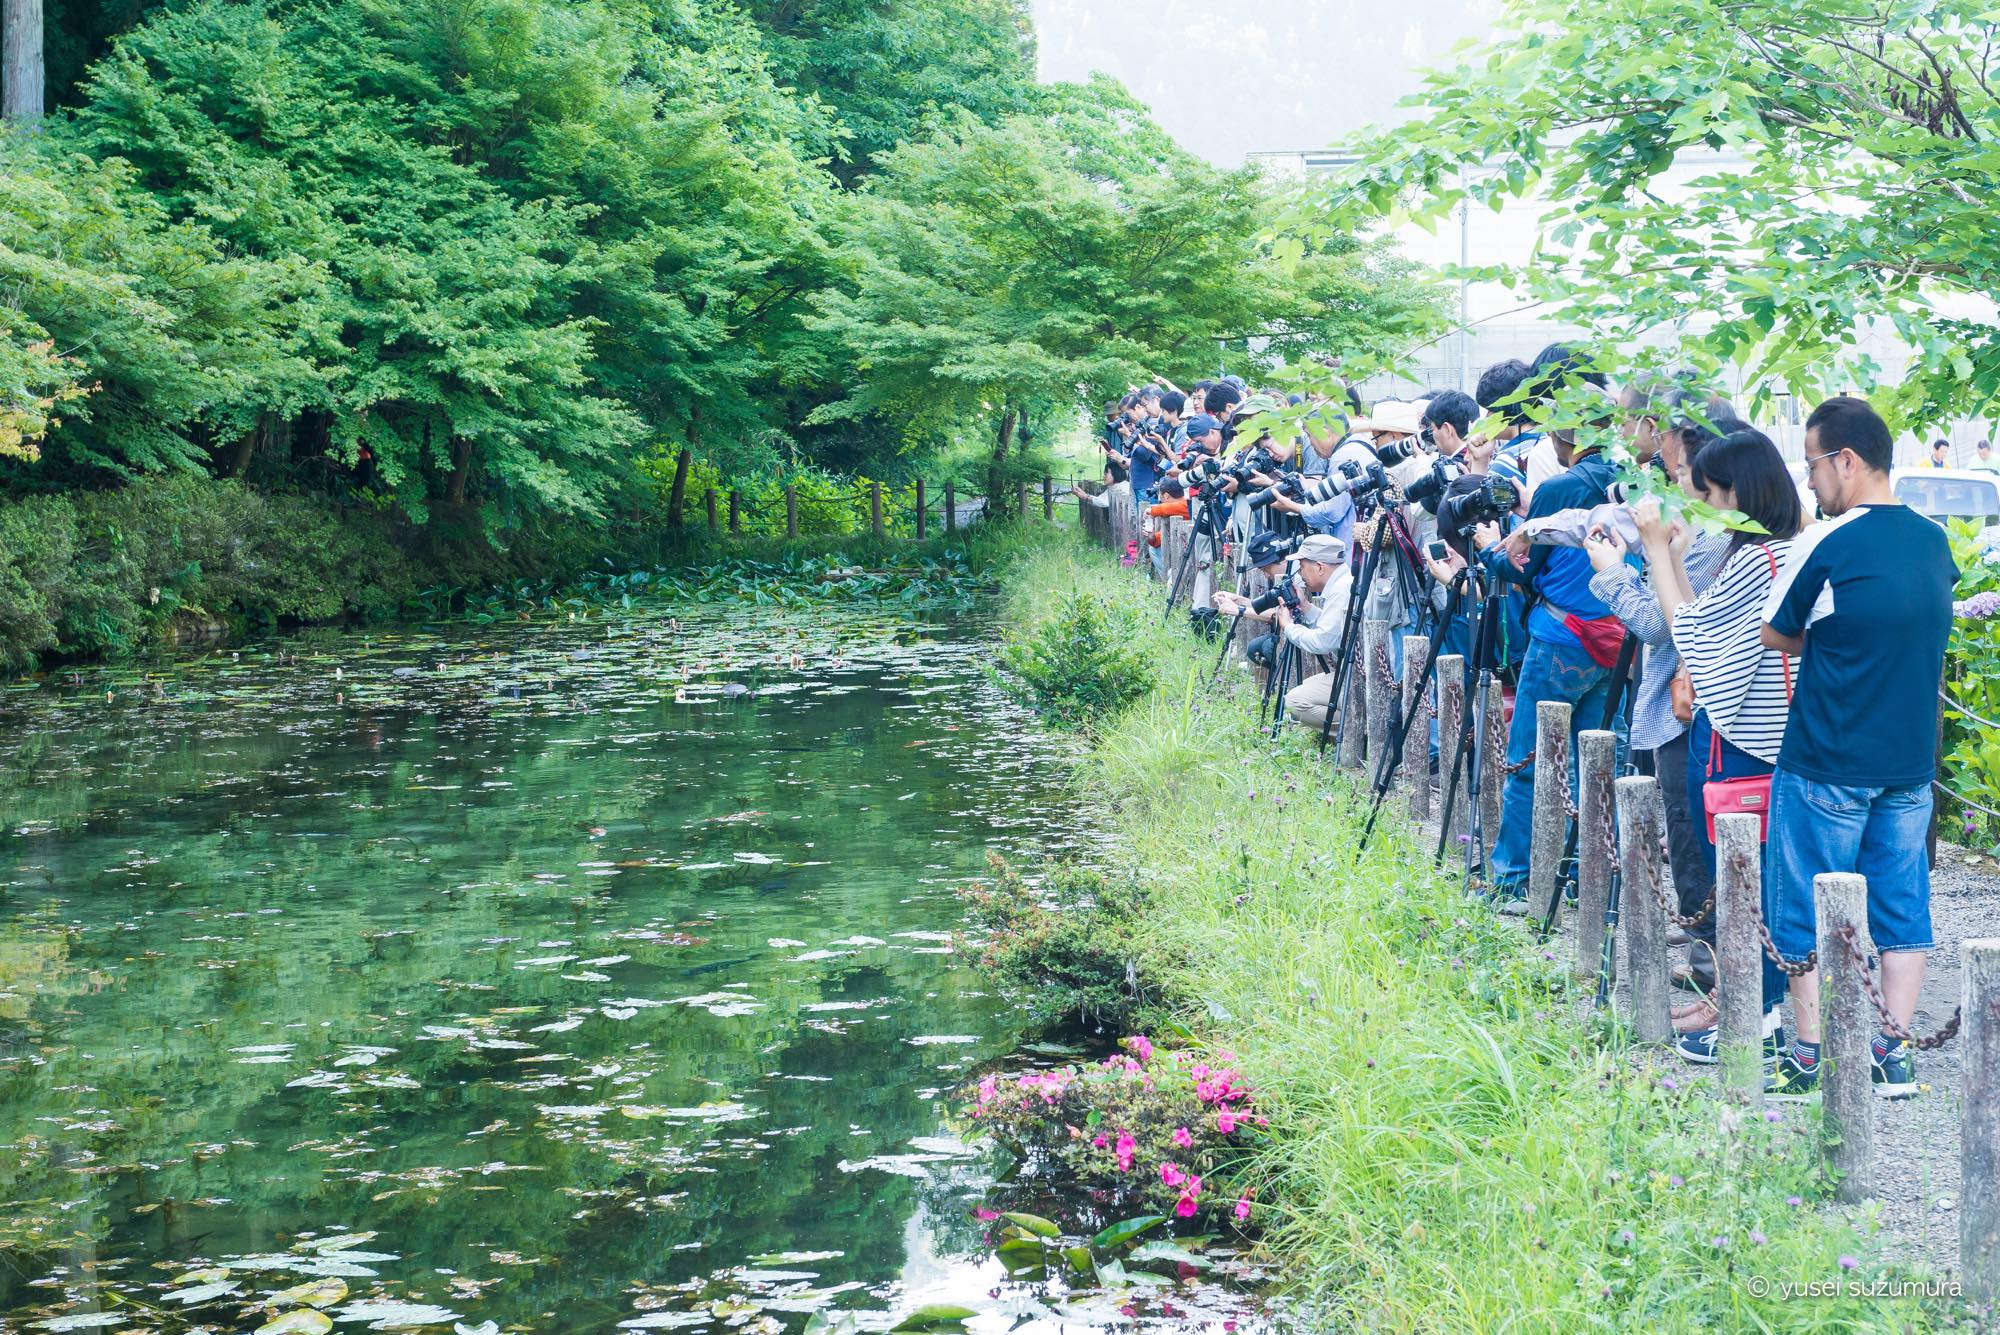 モネの池 見学者 カメラマン